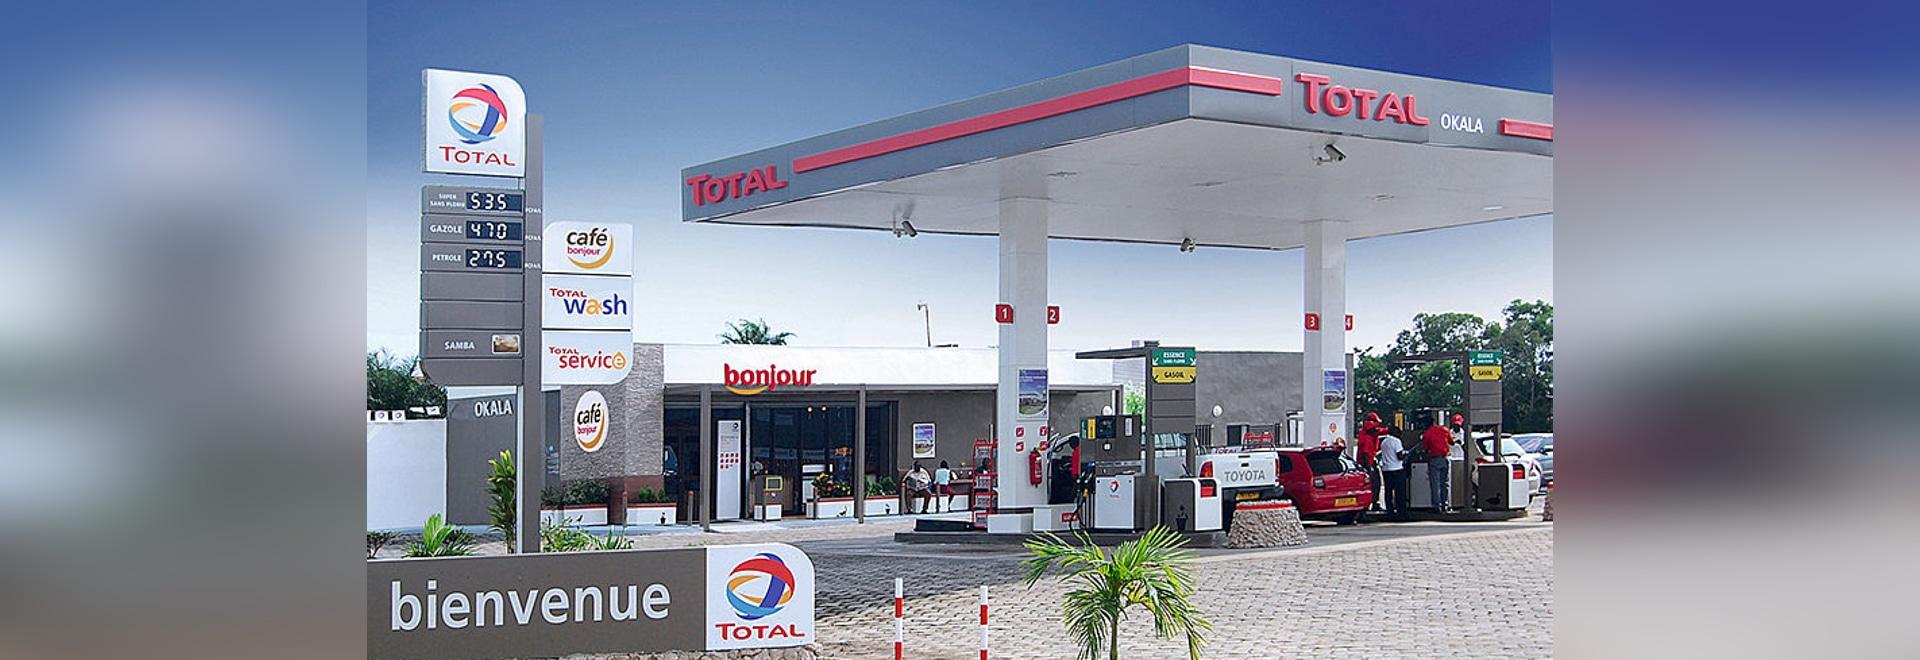 TOTAL Tankstelle – Neues Konzept für moderne und nachhaltige Corporate Identity mit einbrennlackierten Aluminiumblechen